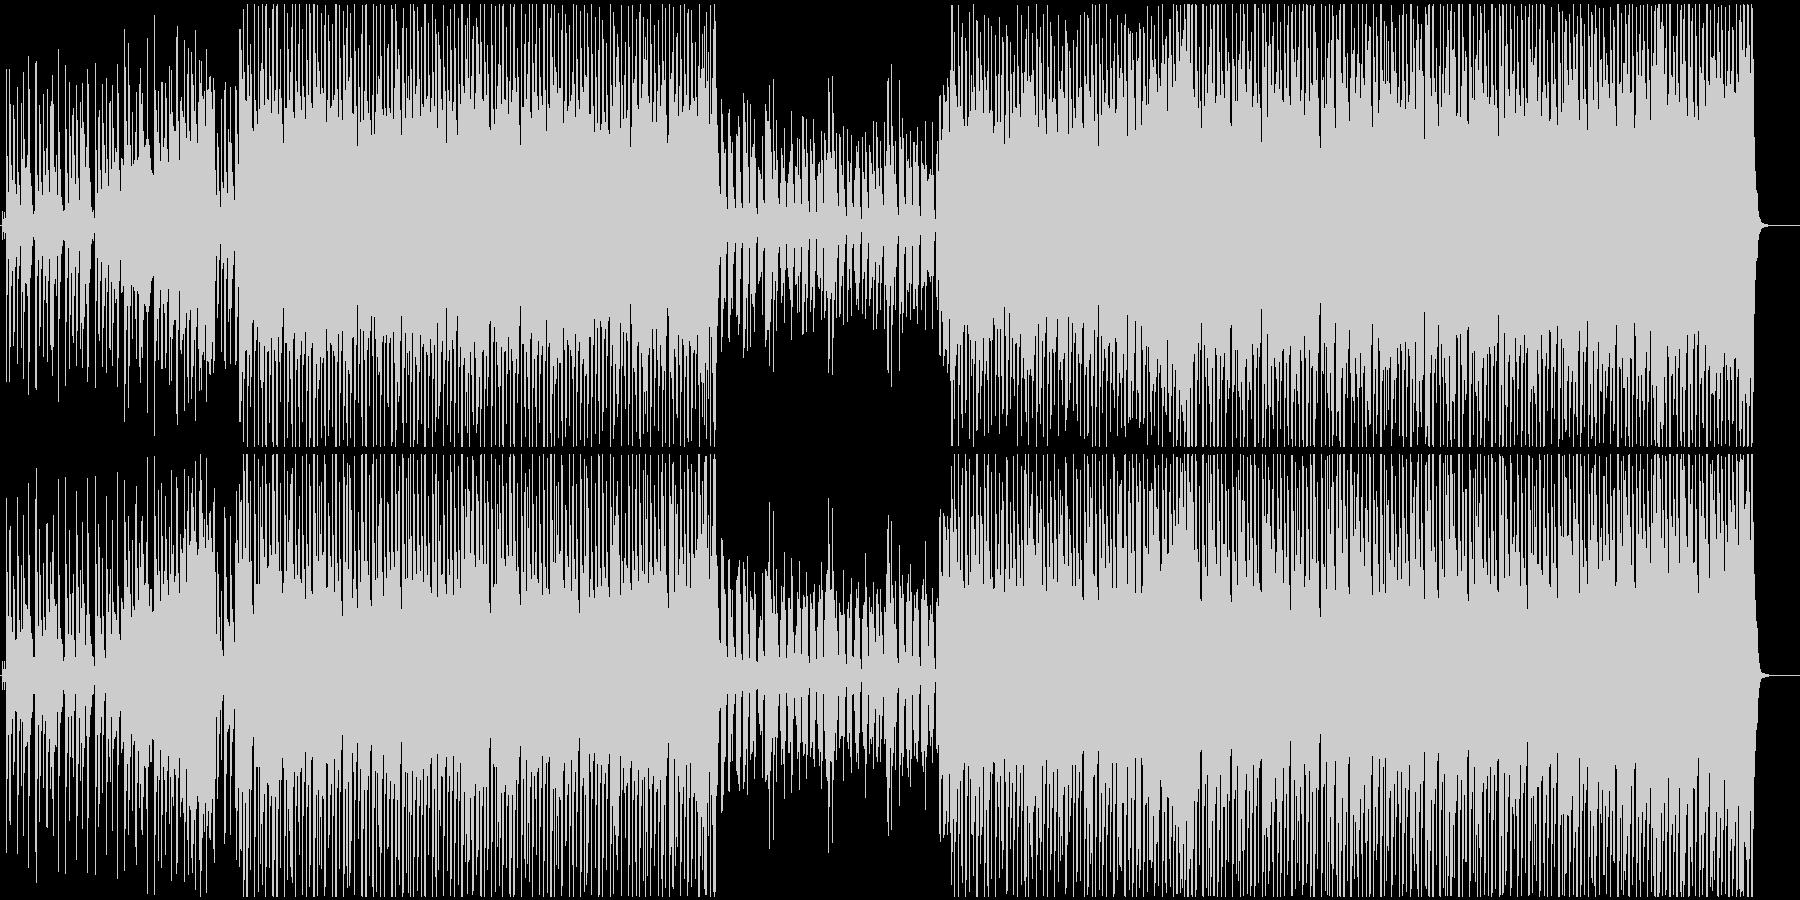 アメリカンでワクワクするコンセプトBGMの未再生の波形